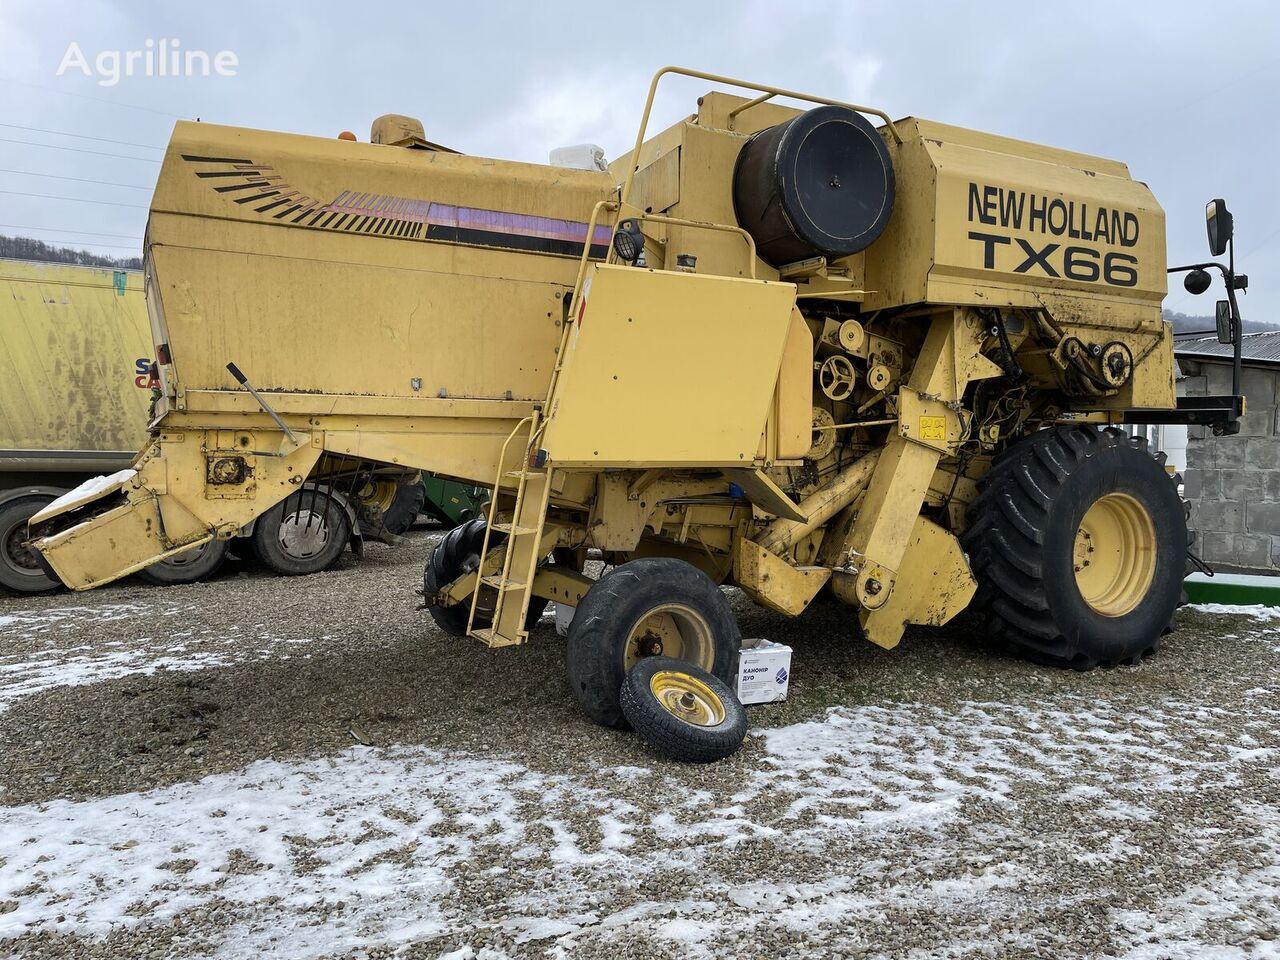 NEW HOLLAND TX 66 cosechadora de cereales